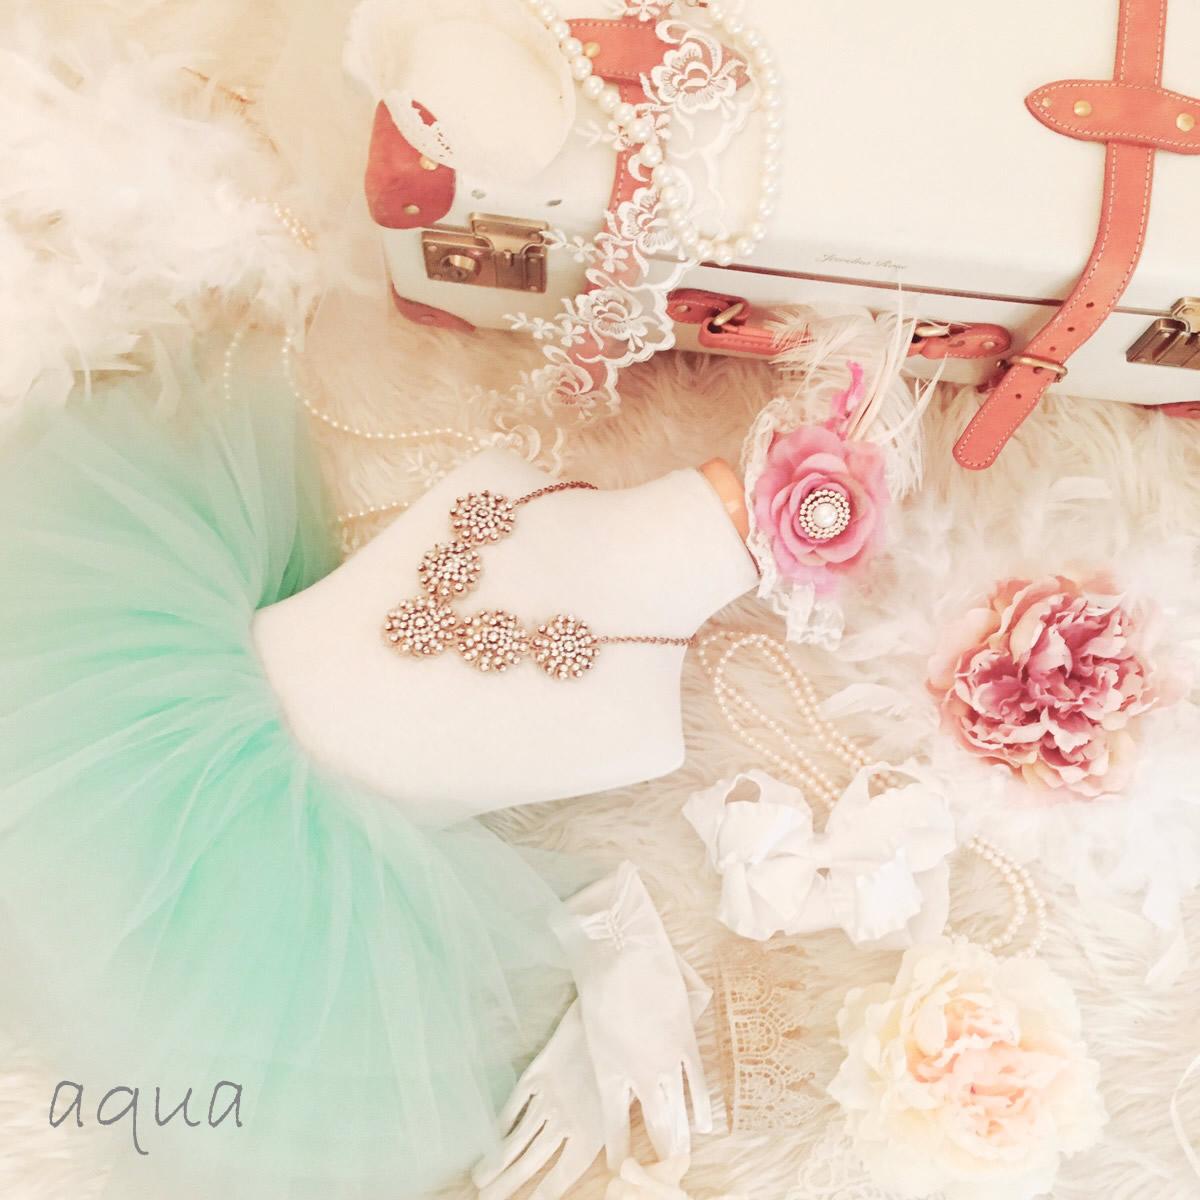 ソフトチュールのこどもドレスアップチュチュスカート☆10色 ニューボーン/4monts-3T/4T-8T  0才〜8才までのプリンセスなお姫様スカート ドレスにも普段着にもOK!